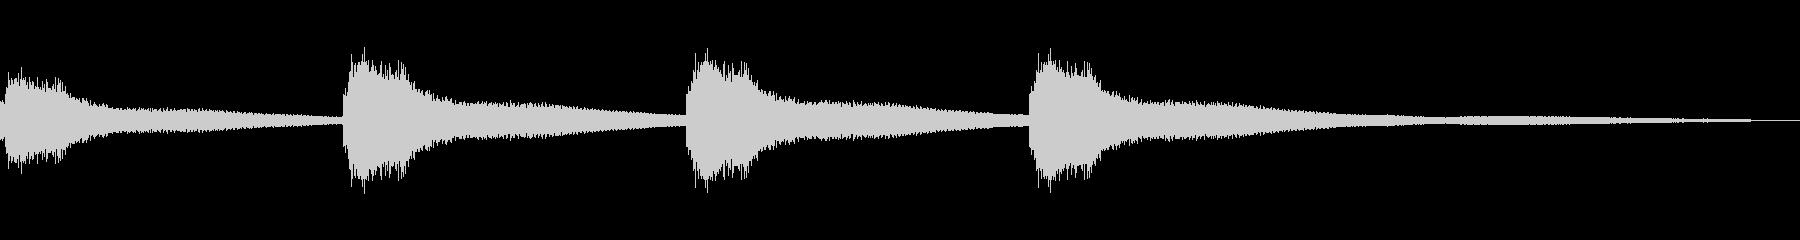 カーンカーンと鐘をつく効果音③の未再生の波形